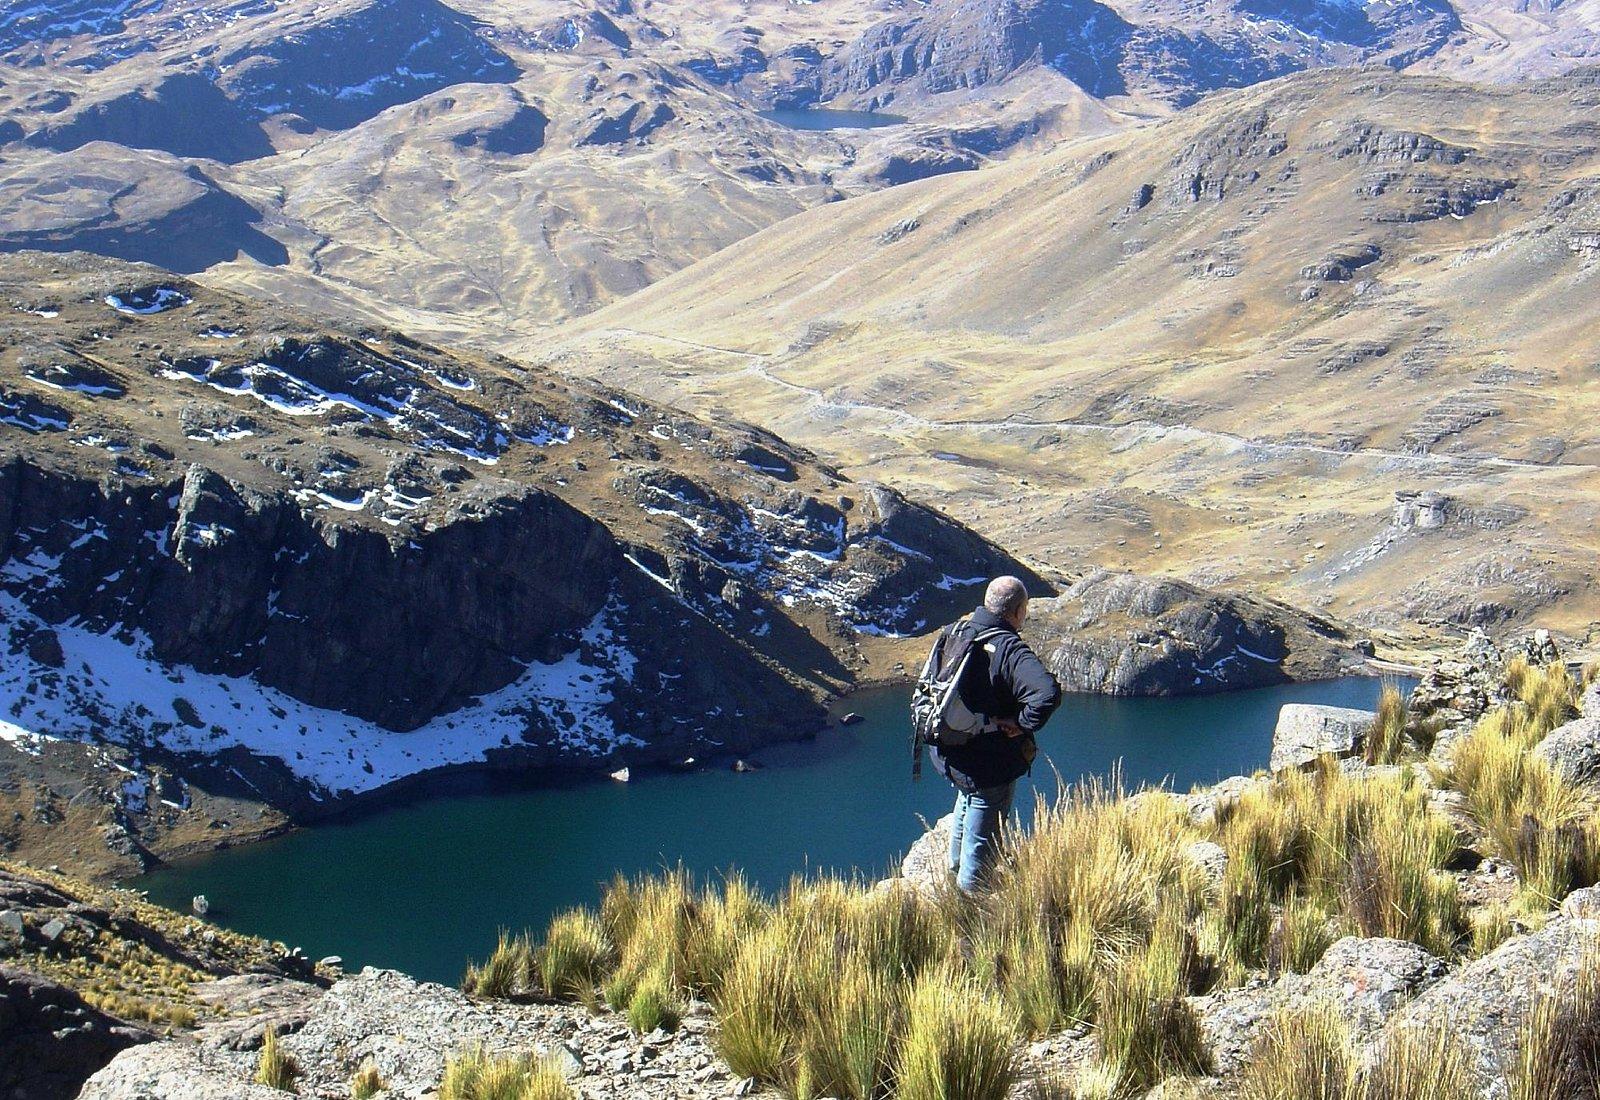 Vista de la Laguna Macho, en la base del Pico Tunari